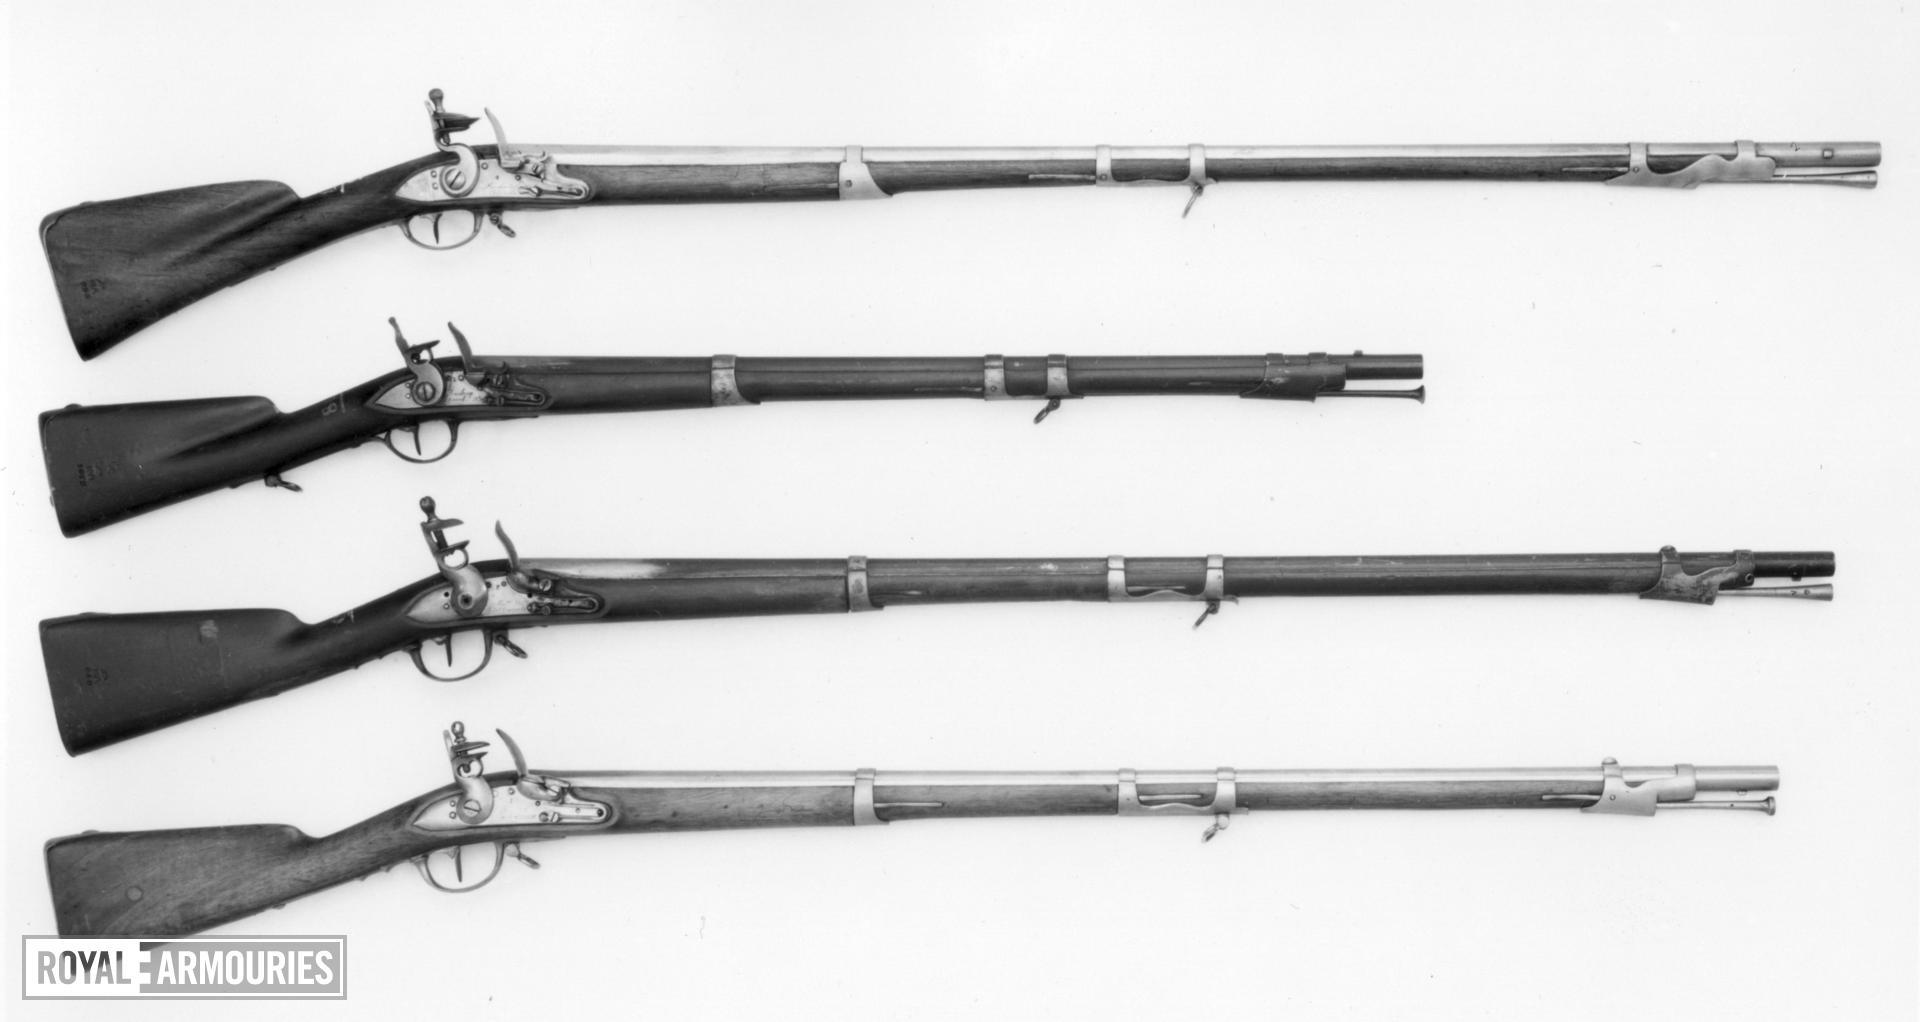 Flintlock muzzle-loading musket - Model 1777 An. IX Dragoon Musket